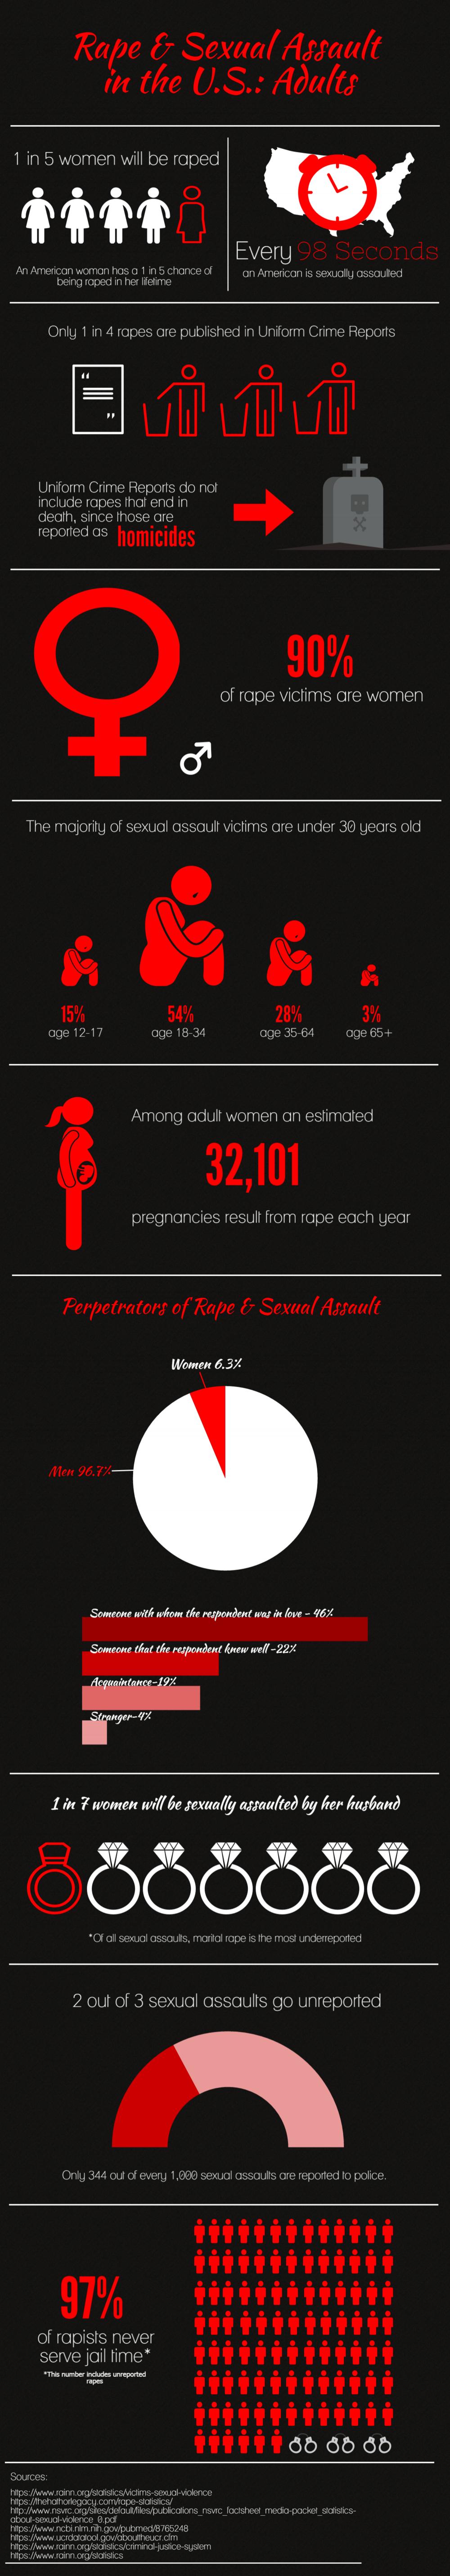 Adult Rape Stats